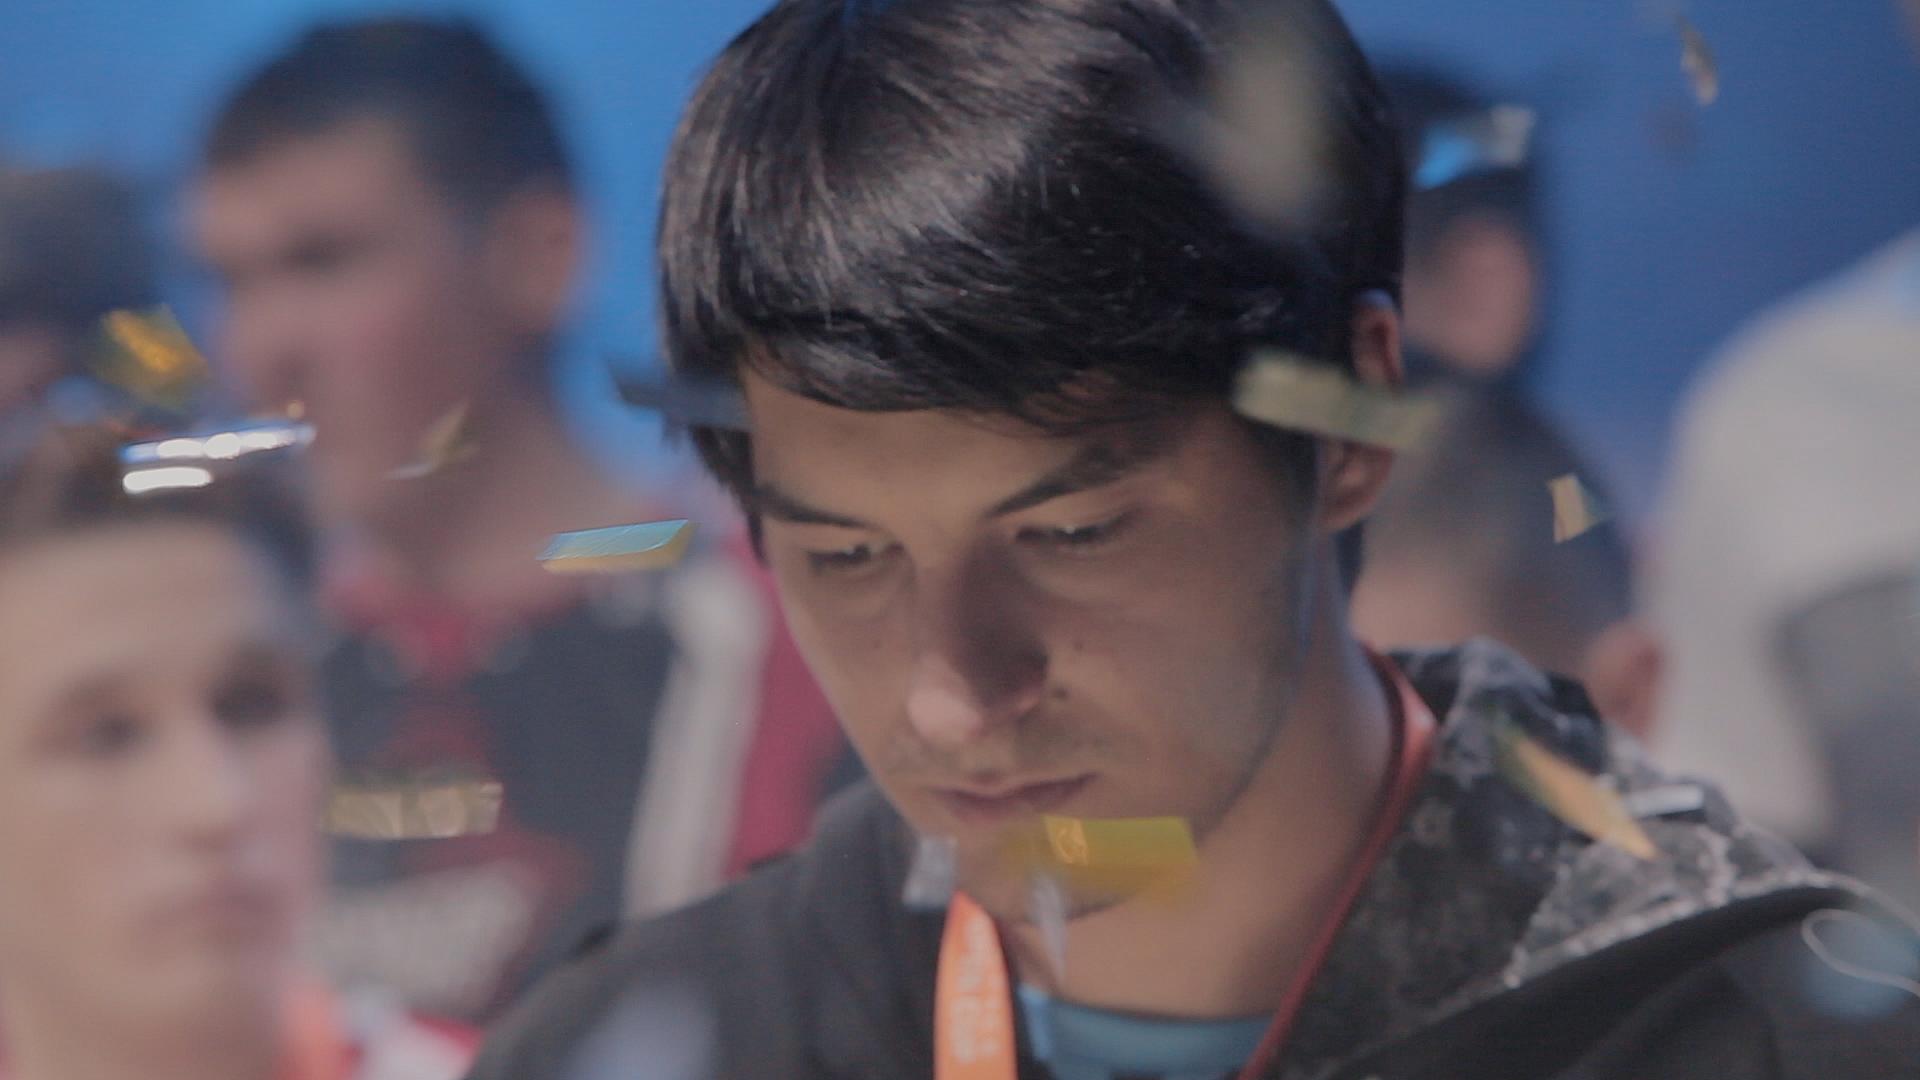 """Премьера документального фильма """" Летсплей """", созданного при содействии Минкультуры, состоится в Сколко"""